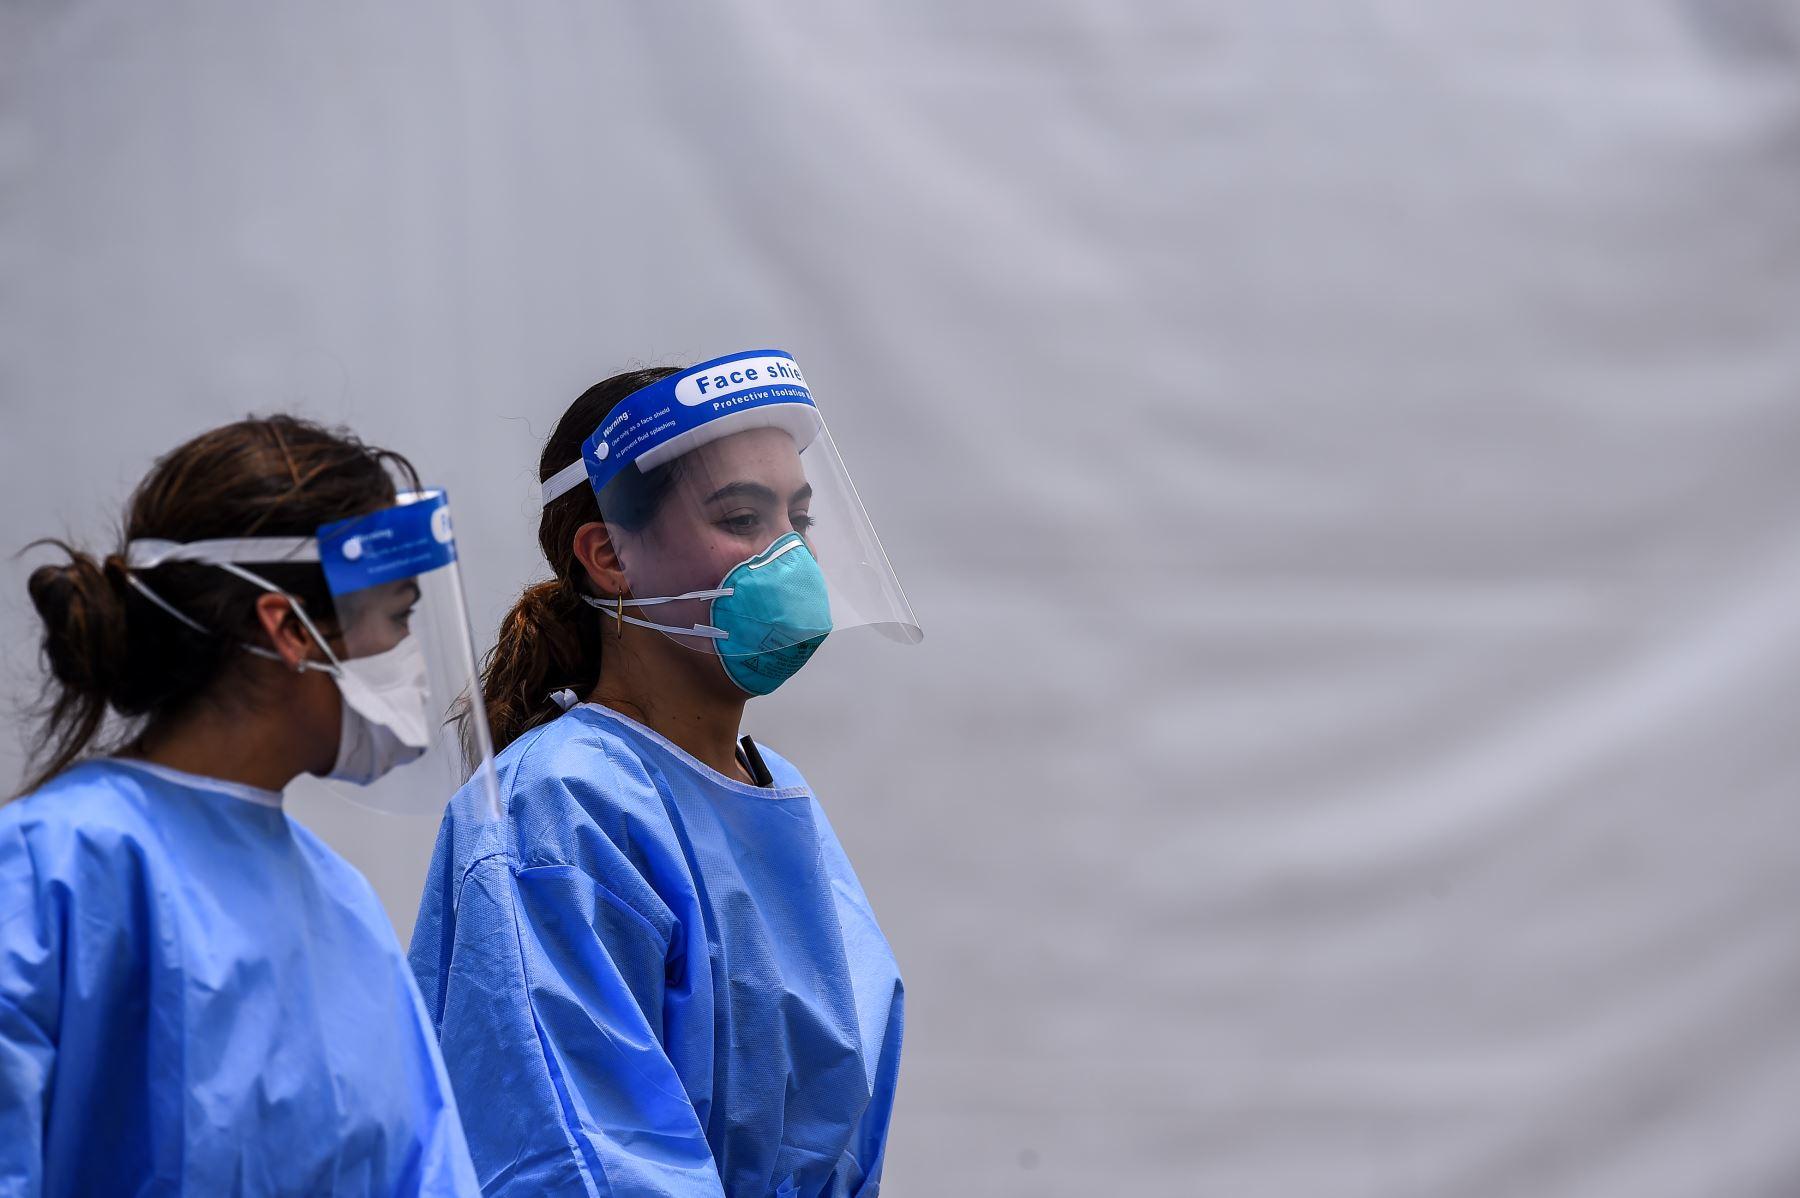 El personal médico usa kits de equipo de protección personal (EPP), que incluyen máscaras faciales y escudos, mientras caminan cerca del sitio de prueba rápida de antígeno del coronavirus en el Hard Rock Stadium en Miami. Foto: AFP